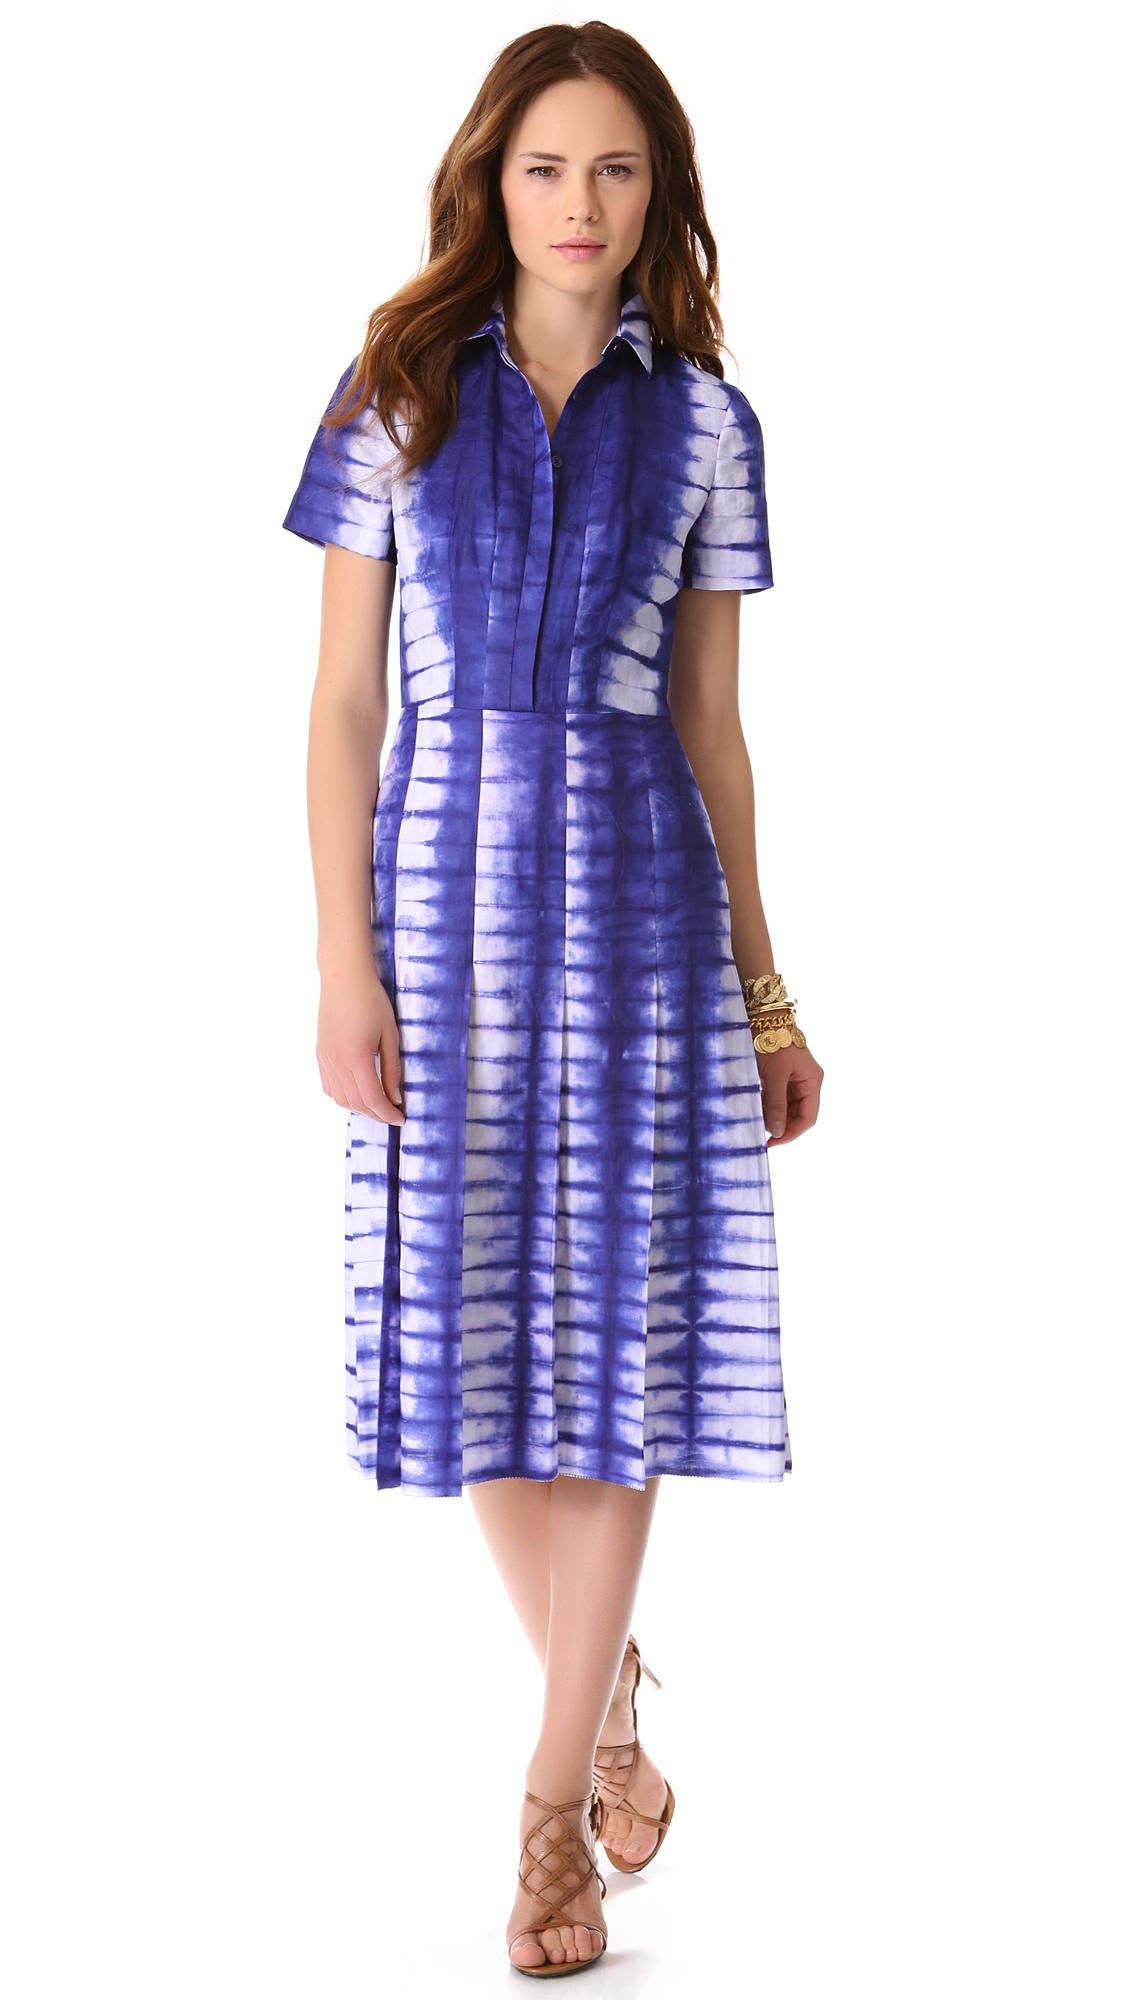 Lyst - Tory Burch Jasmyn Tie Dye Dress in Blue